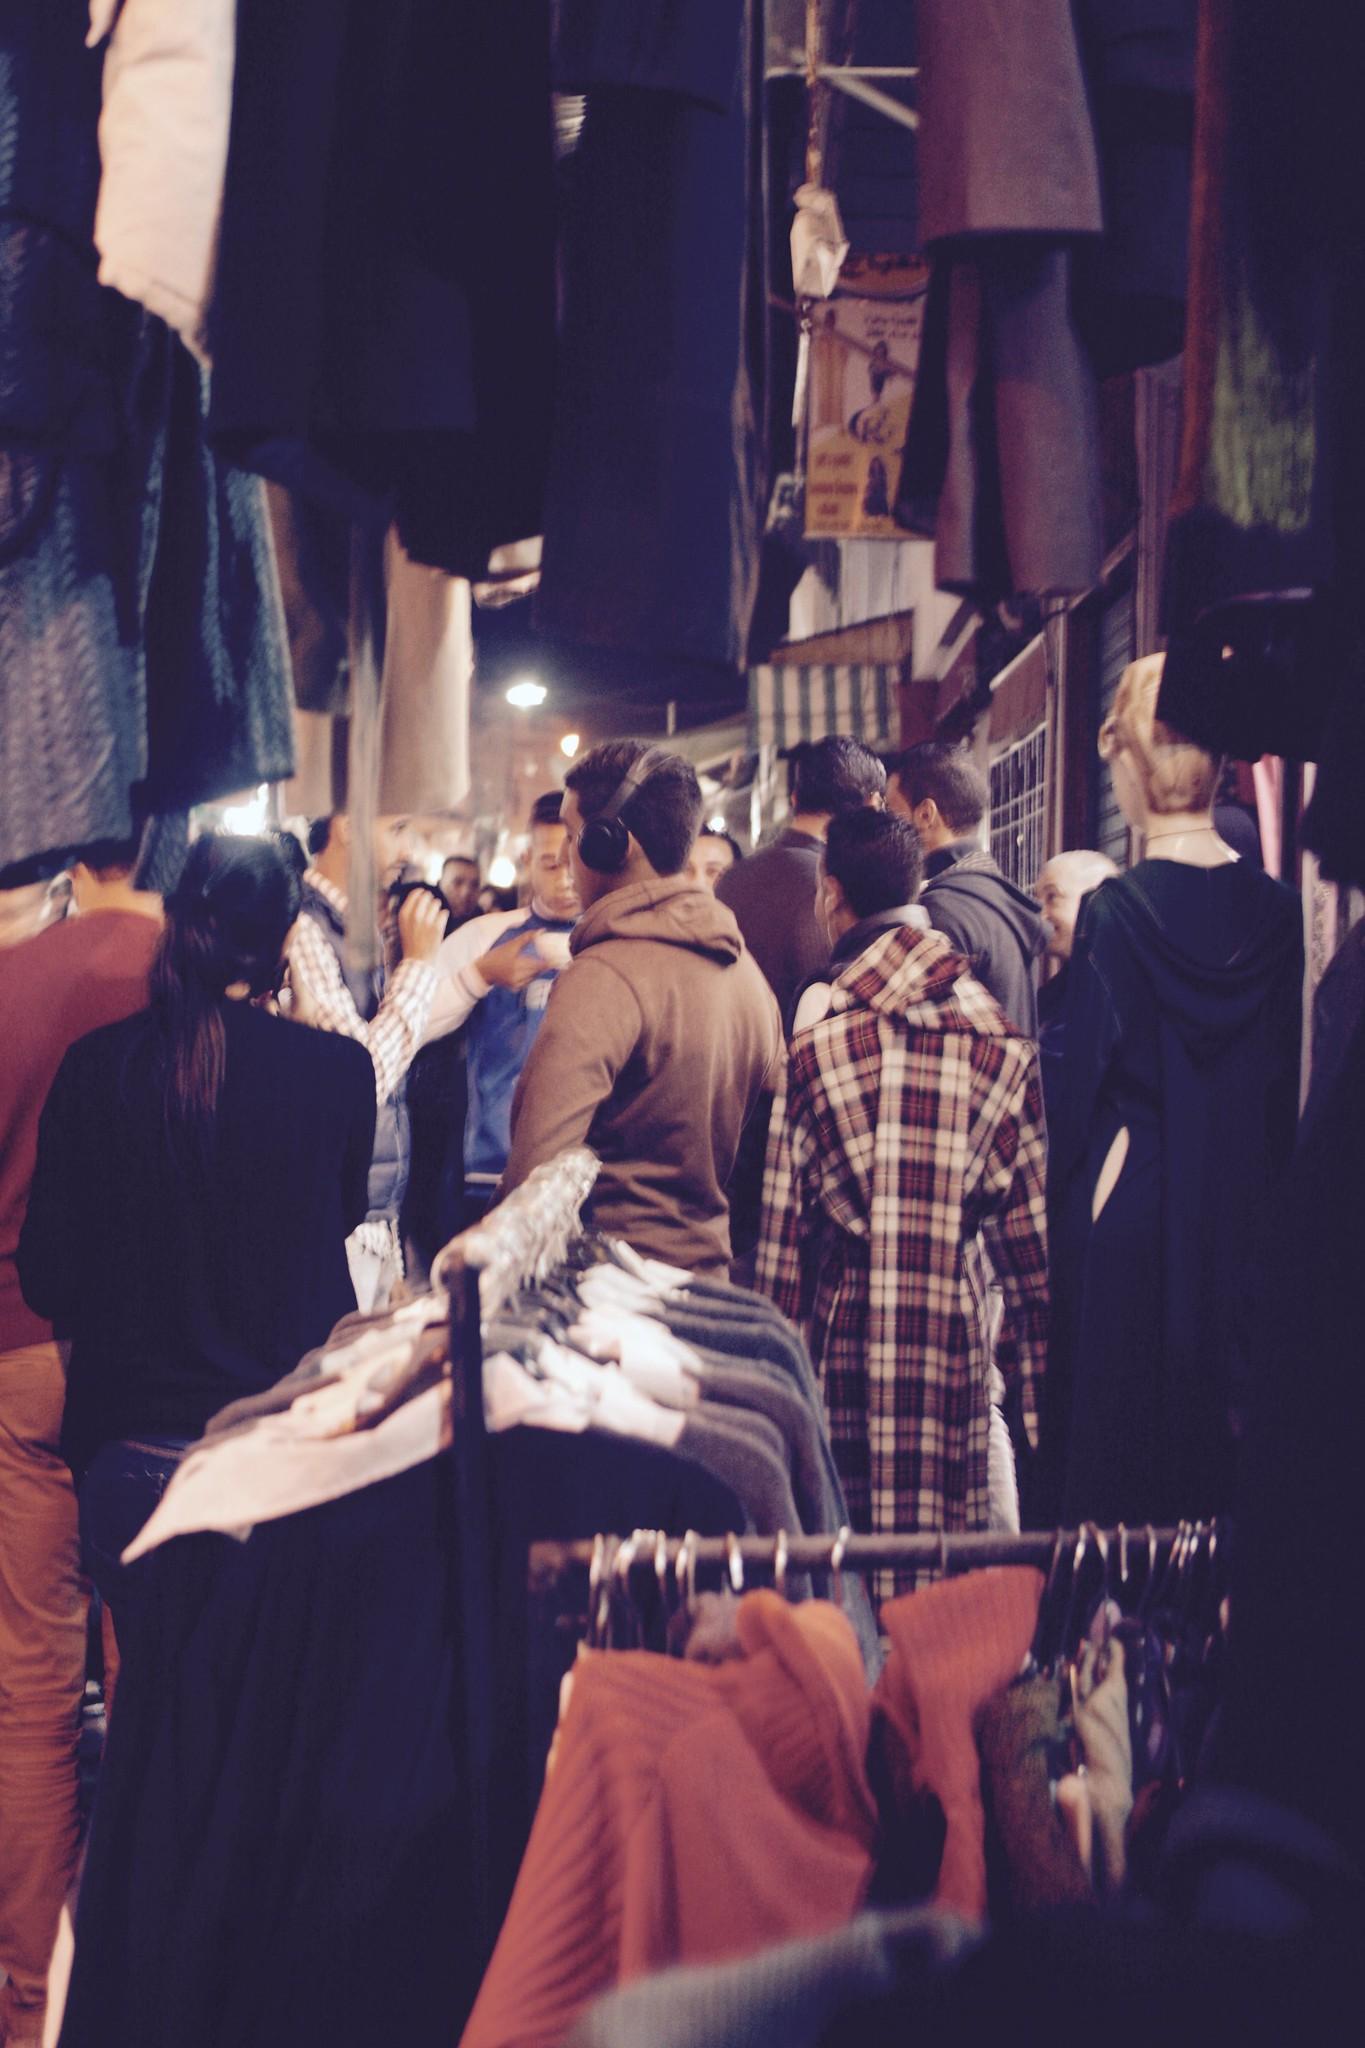 Morocco: Rabat, 26 December 2015 – Wanderlust